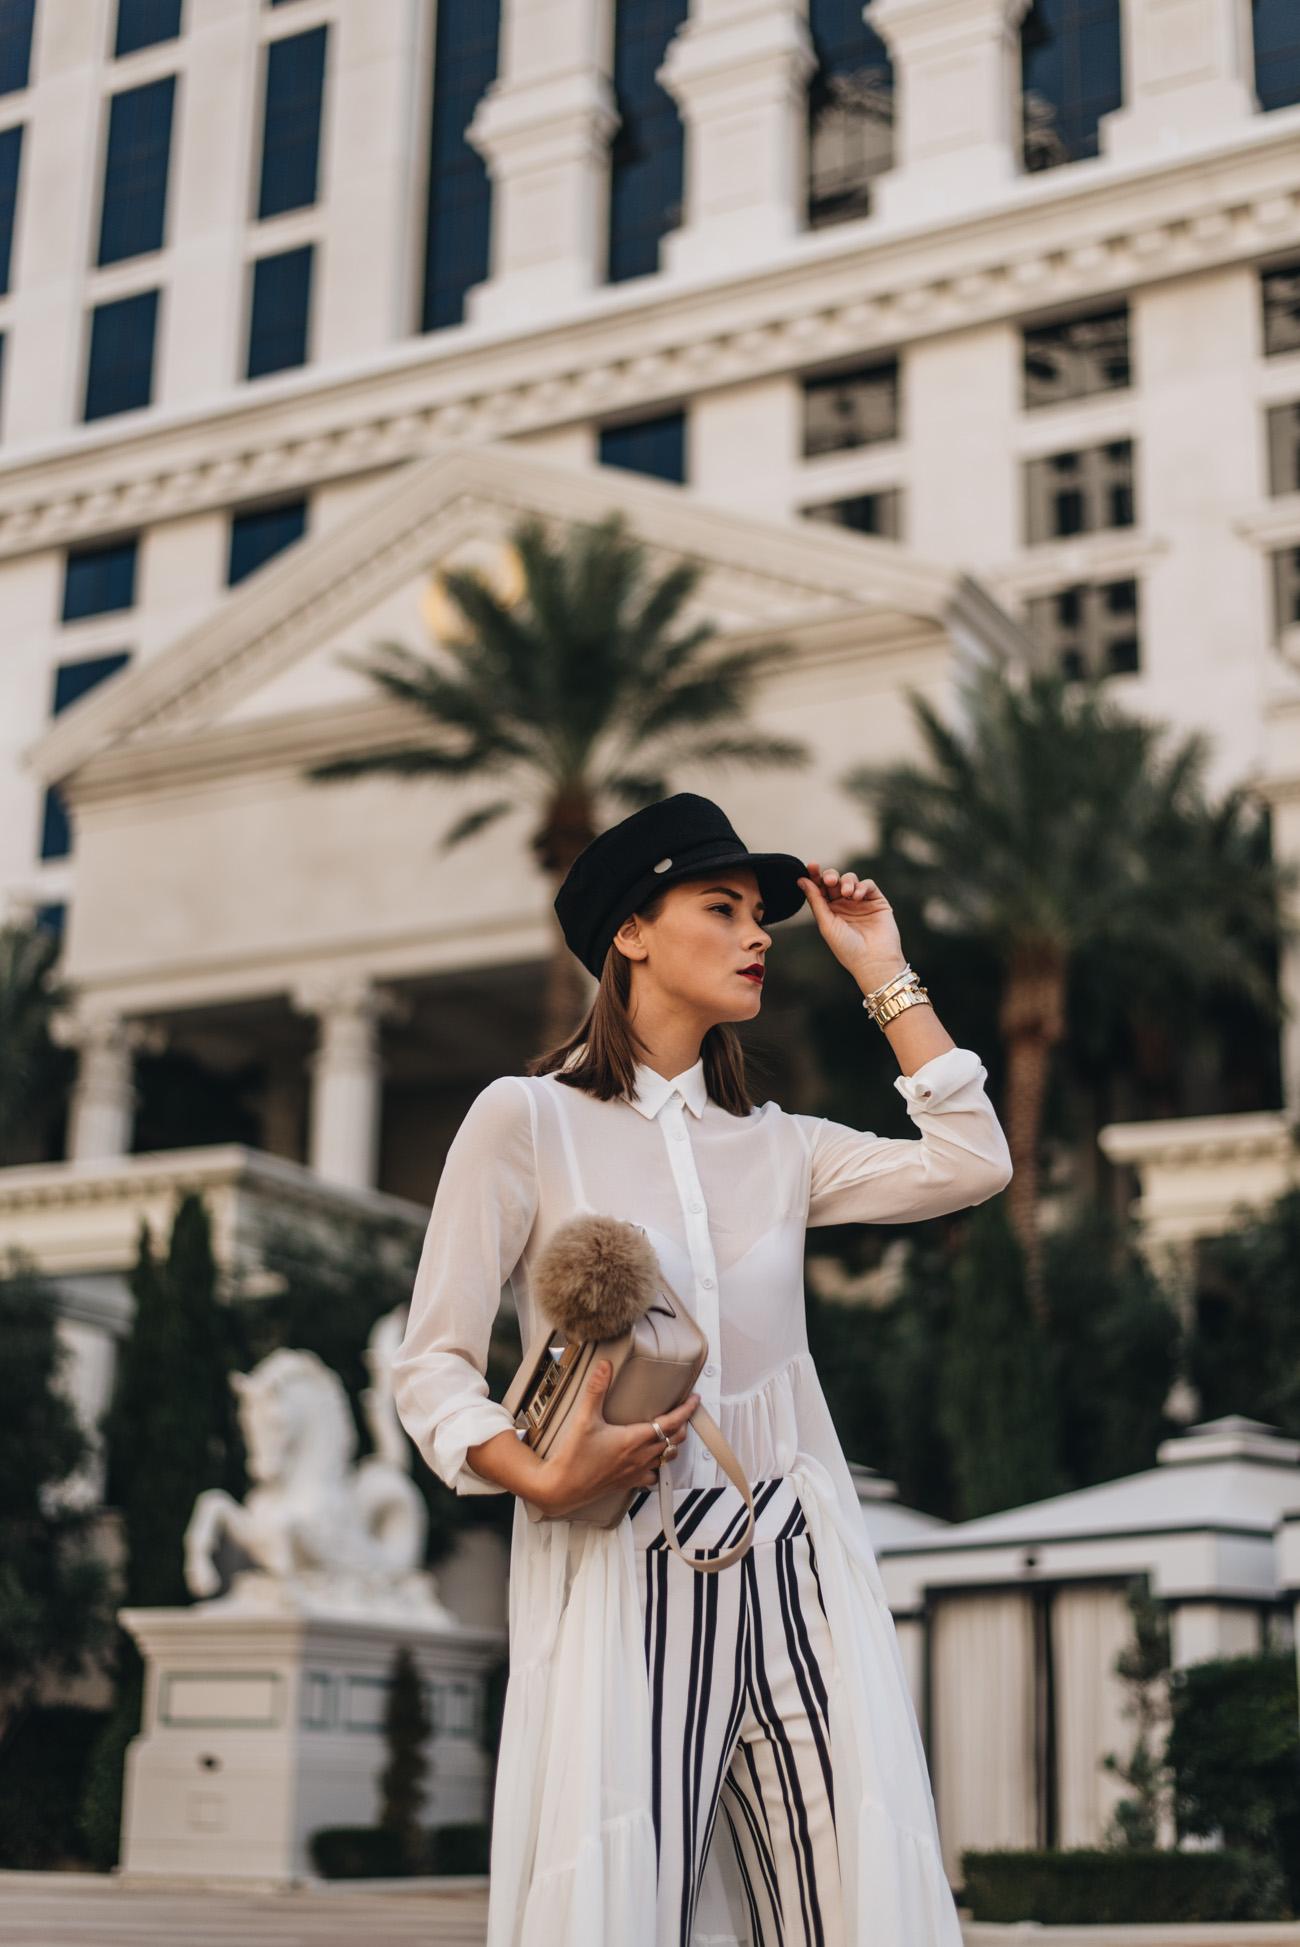 Sommerkleider-mit-hosen-tragen-layering-look-schwarz-weiß-nina-schwichtenberg-fashiioncarpet